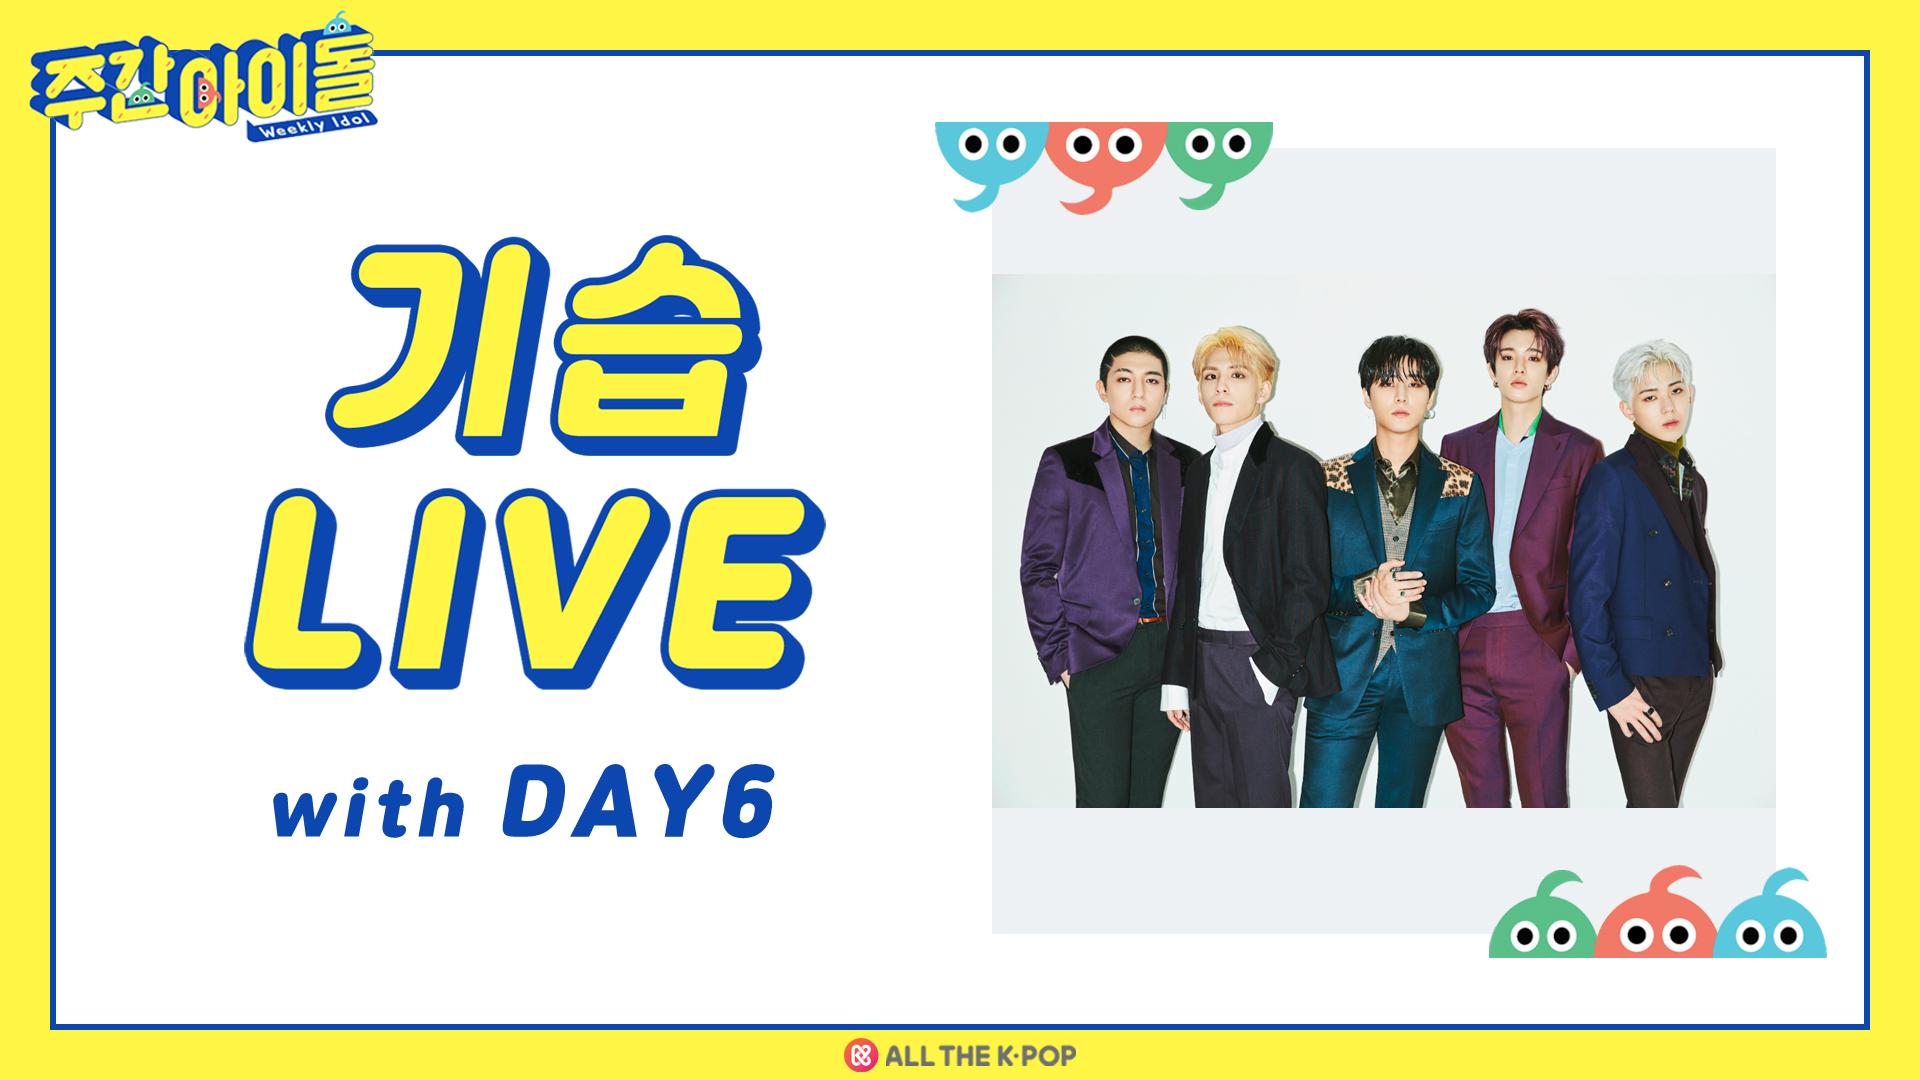 [주간아이돌] 기습 LIVE with DAY6